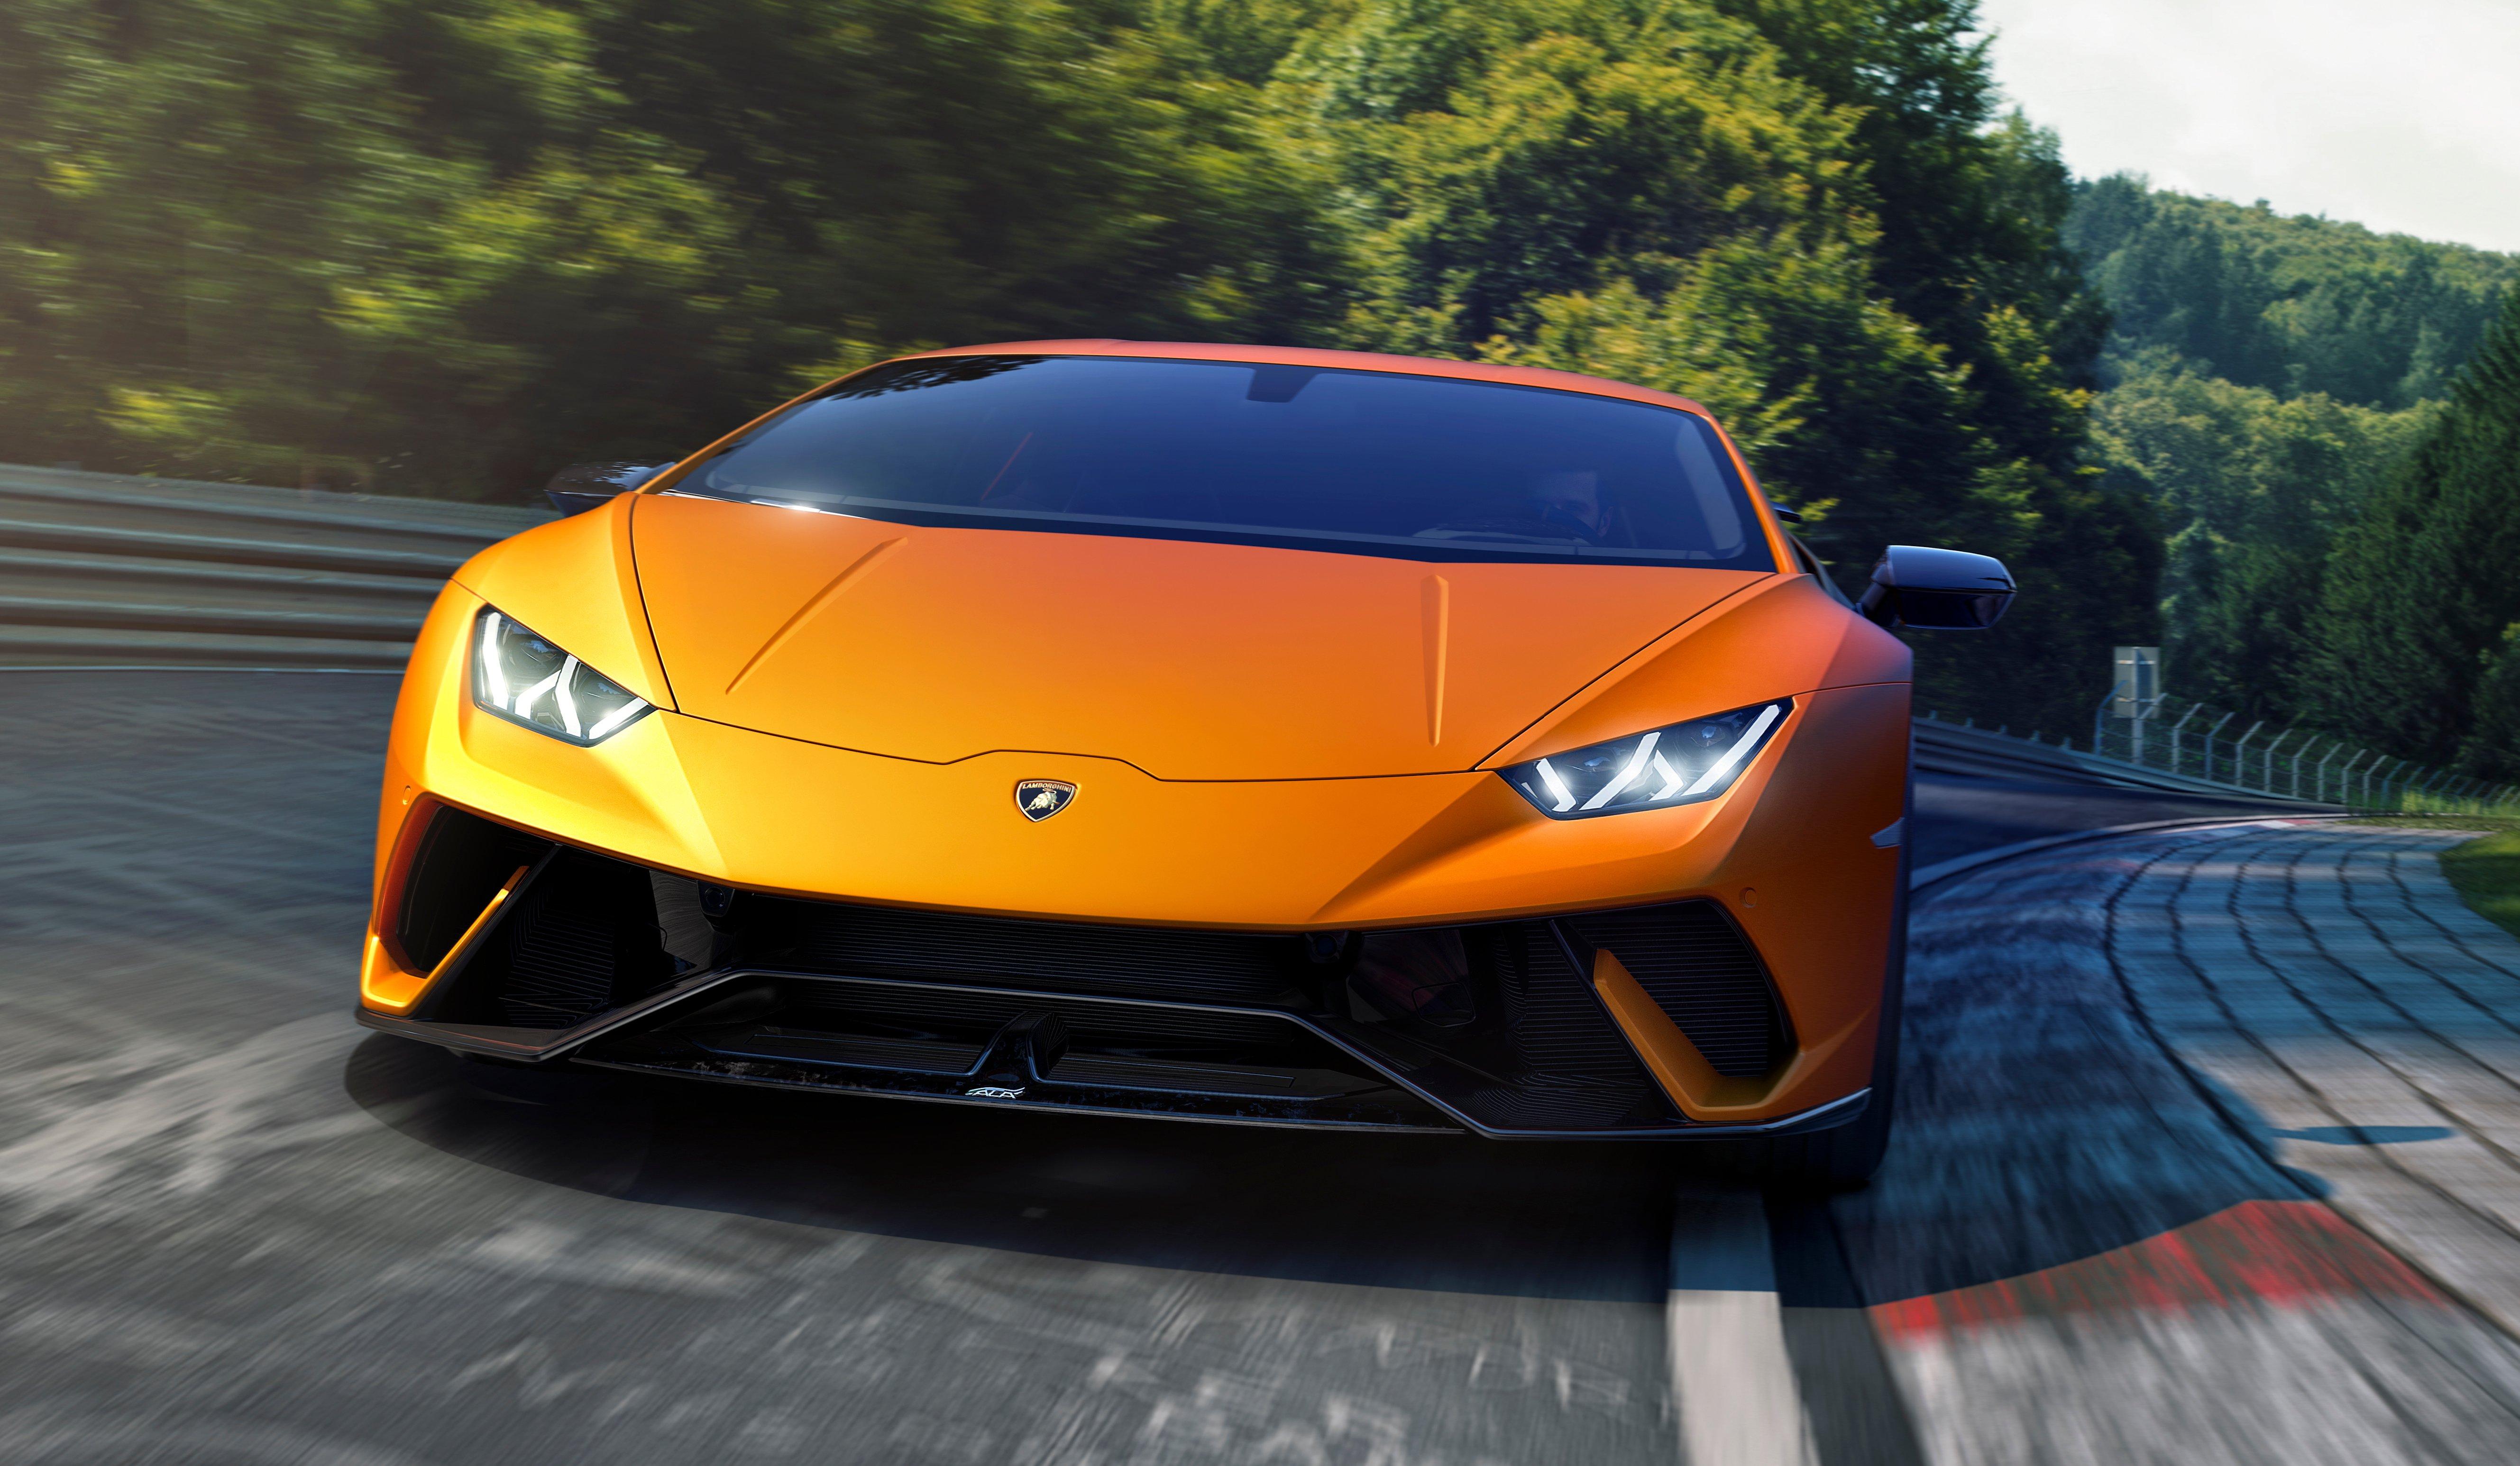 Lamborghini Huracan Performante 640 Hp Active Aero Paul